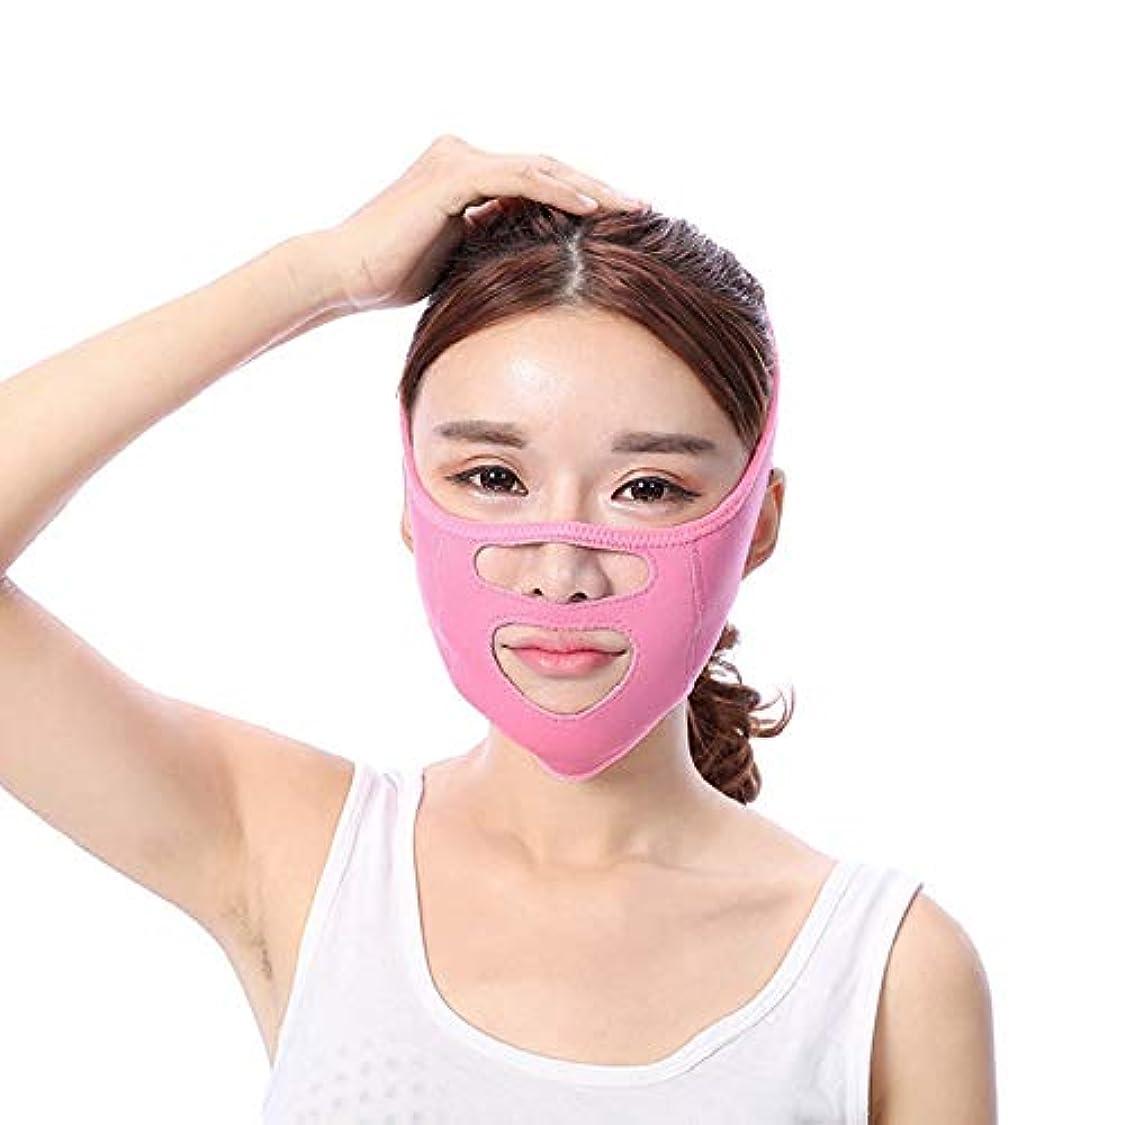 平和なずっとファンブル顔の持ち上がる痩身ベルト - あなたの顔のための素晴らしいトレーニング二重あごのワークアウトフェイスマスクベルト薄い顔包帯整形マスクは顔と首を締めますフェイススリム